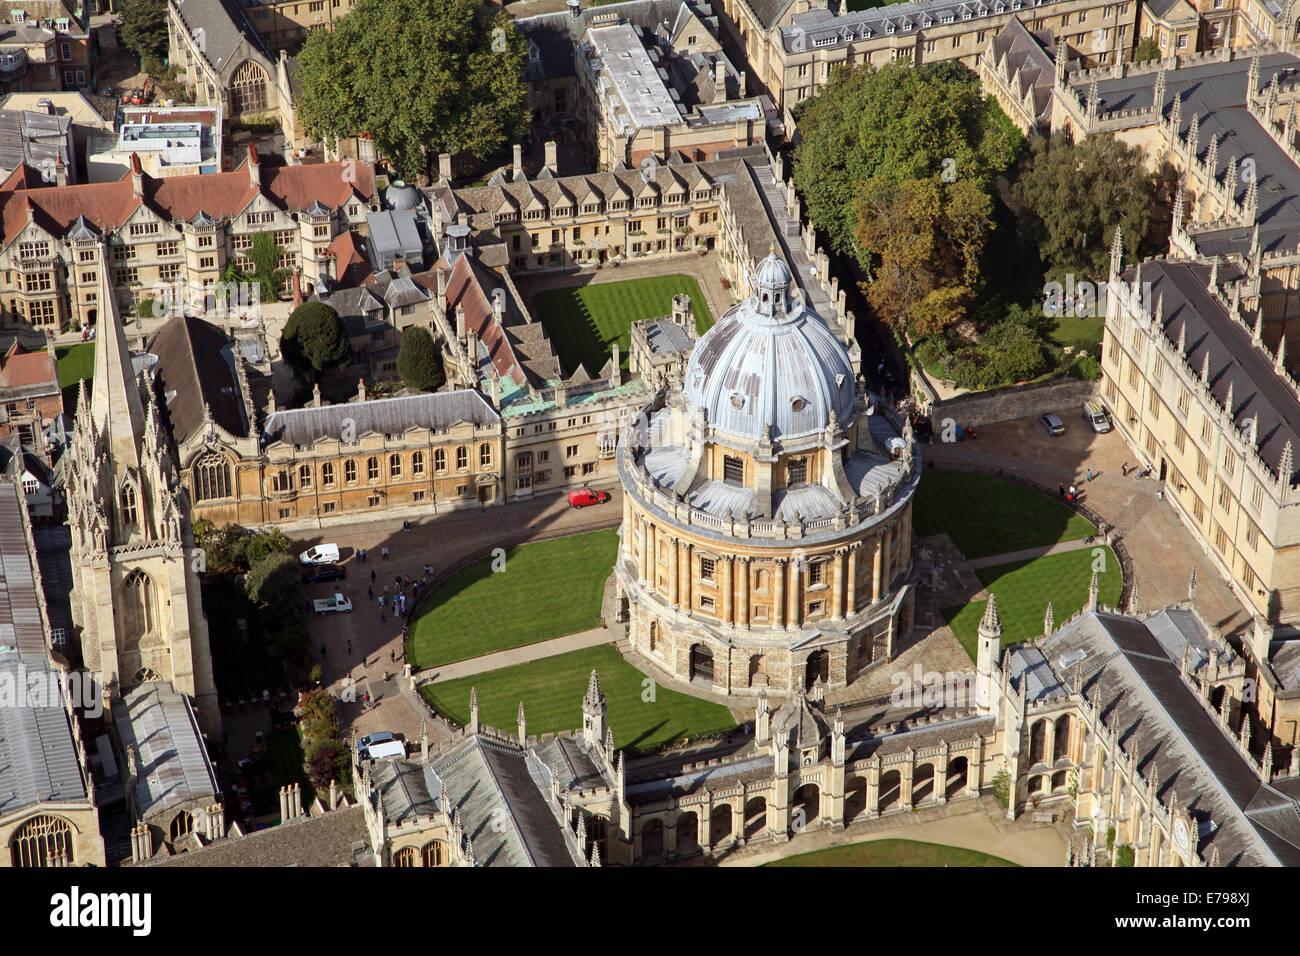 Vista aerea del centro di Oxford con Collegi Universitari e la Libreria di Bodleian prominente Immagini Stock